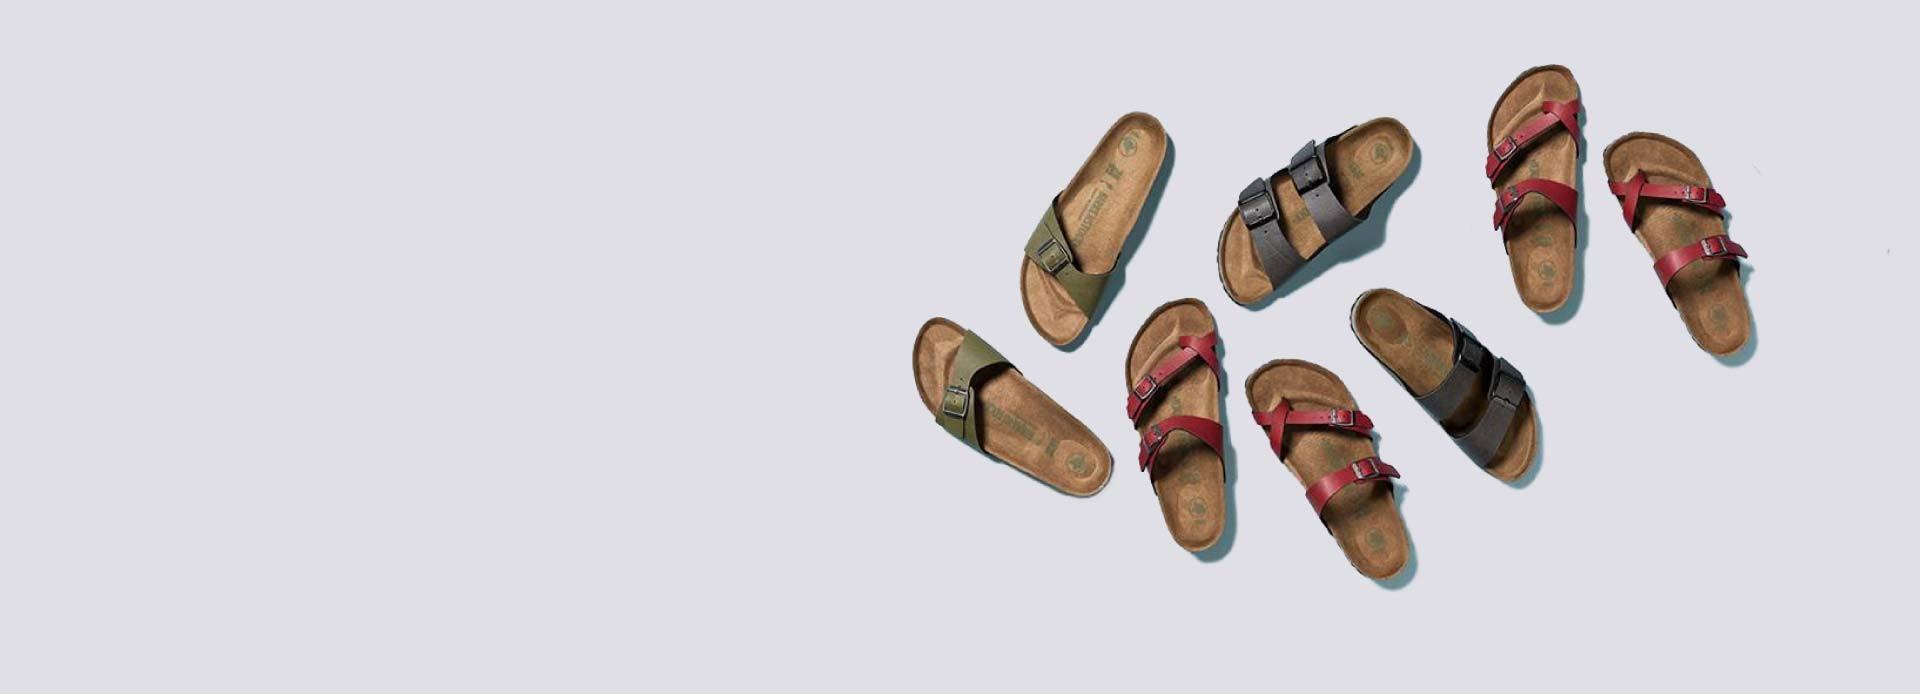 Scopri tutti i modelli estivi di Birkenstock: sandali e infradito da donna e uomo.